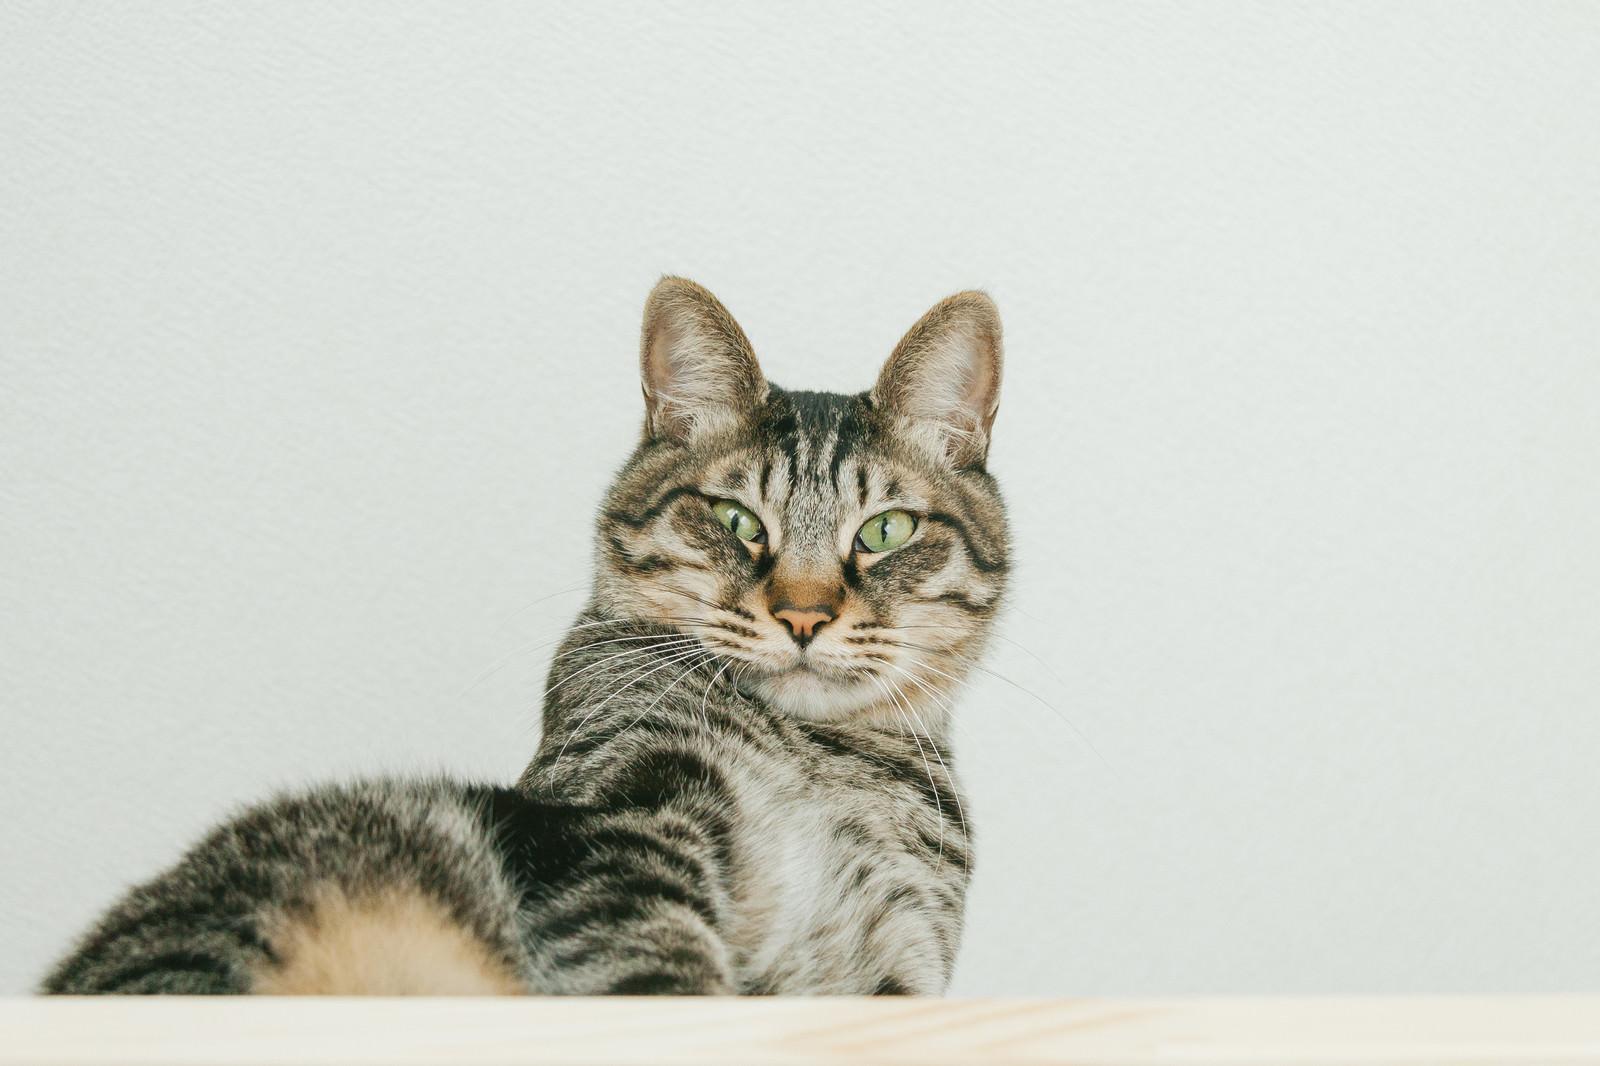 「おれやってません猫おれやってません猫」のフリー写真素材を拡大